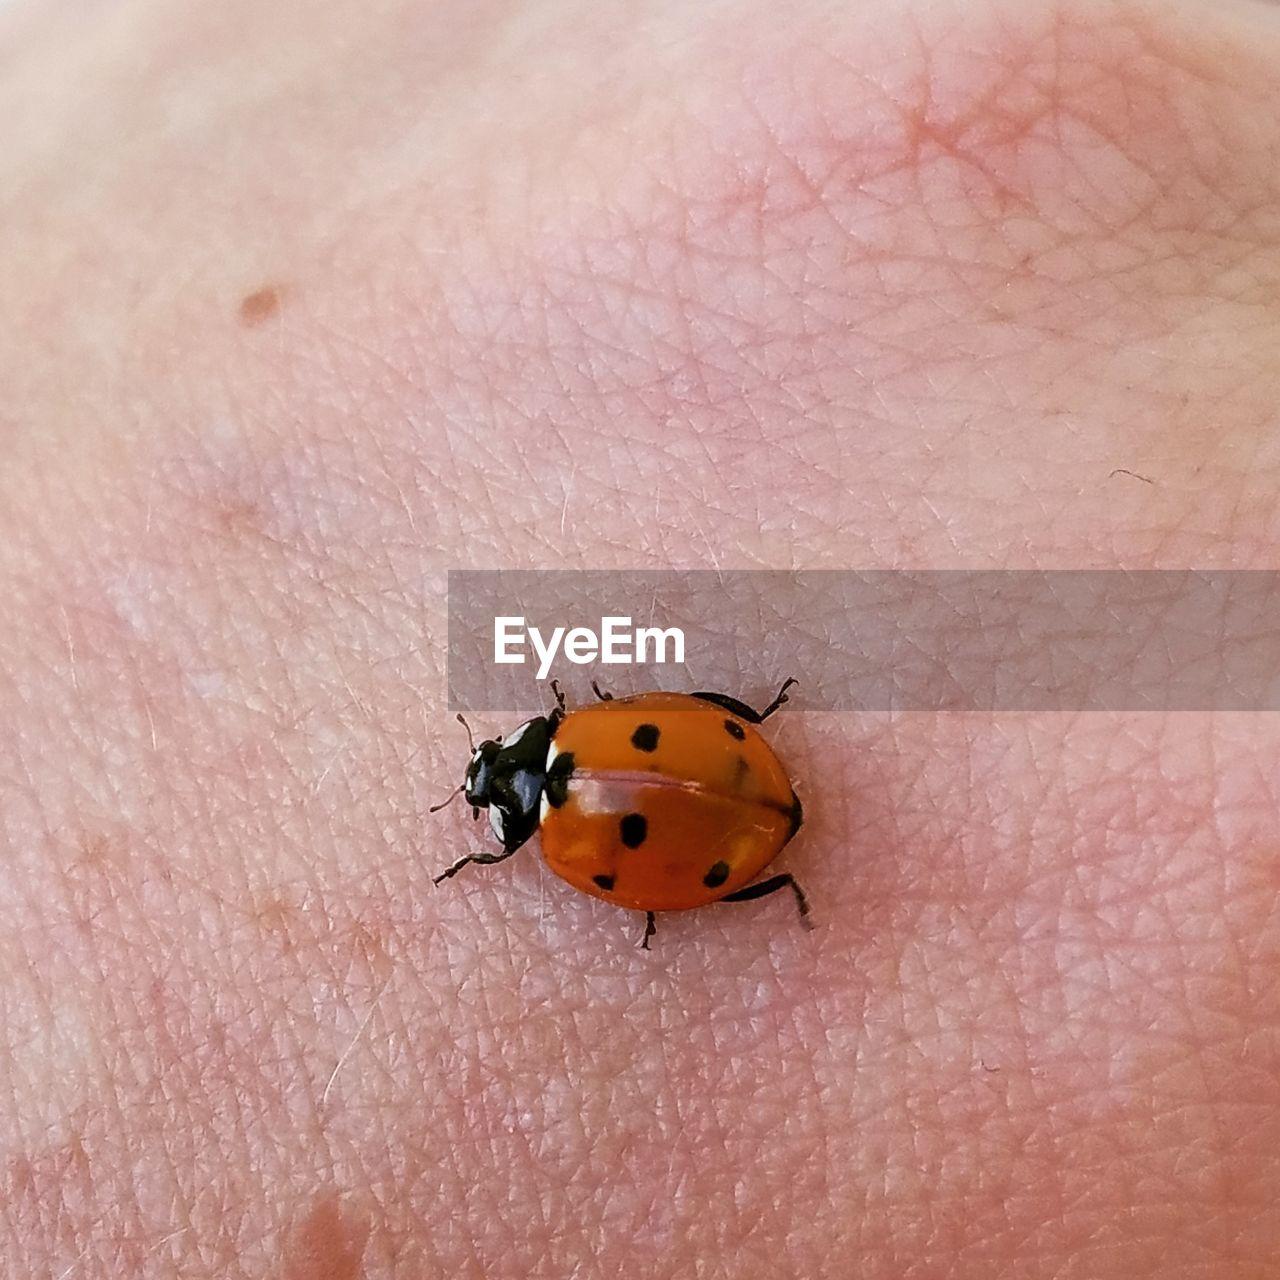 Close-Up Of Ladybug On Skin